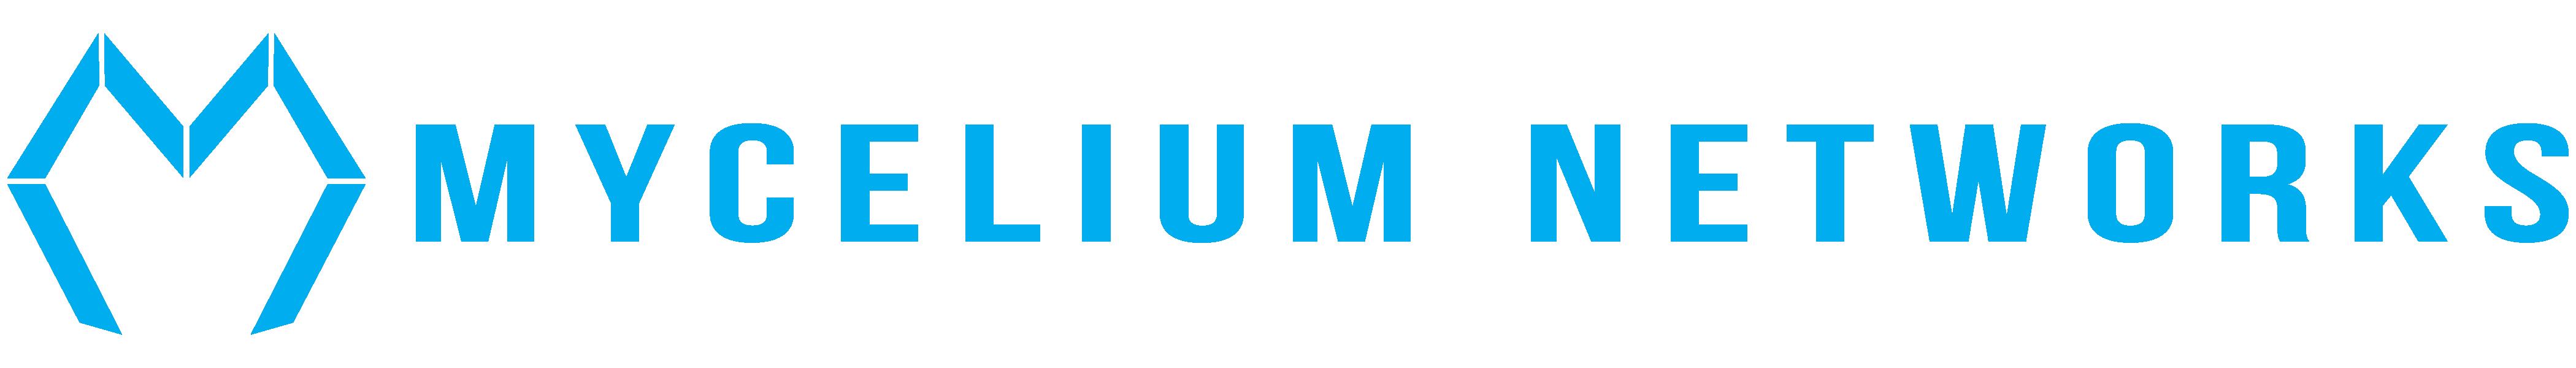 Mycelium Networks